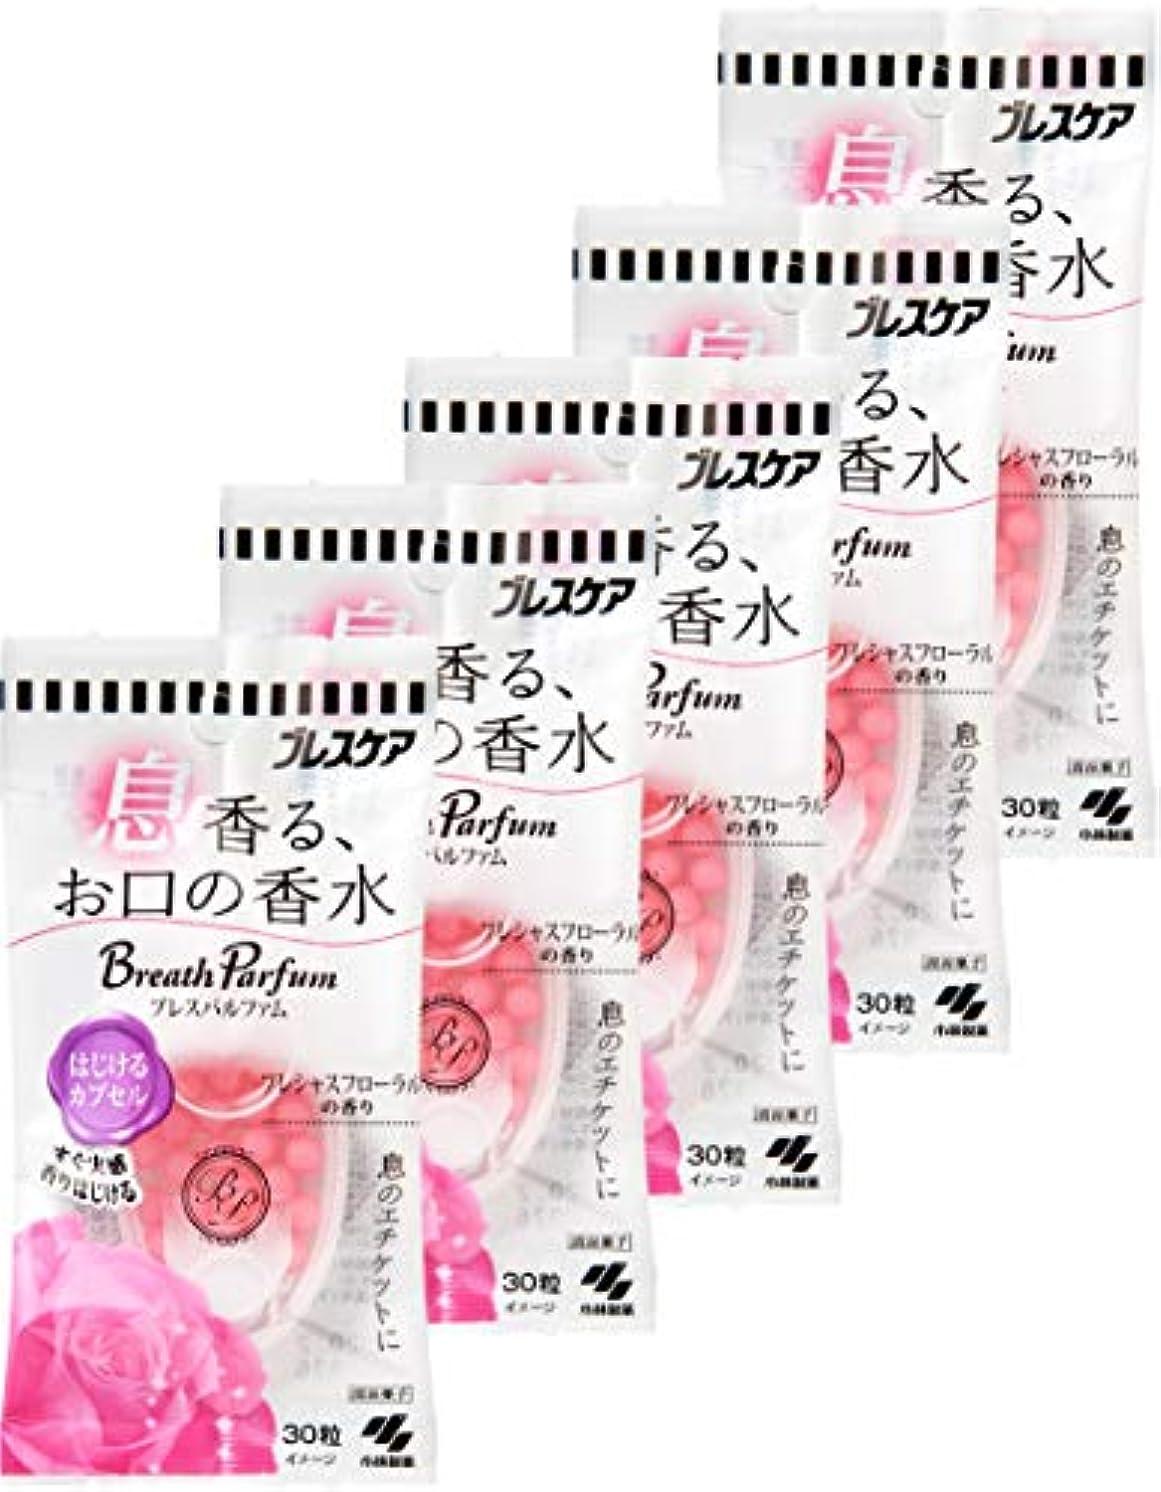 港尊敬する倒錯【まとめ買い】小林製薬 ブレスケア ブレスパルファム はじけるカプセルプレシャスフローラルの香り 30粒×5個